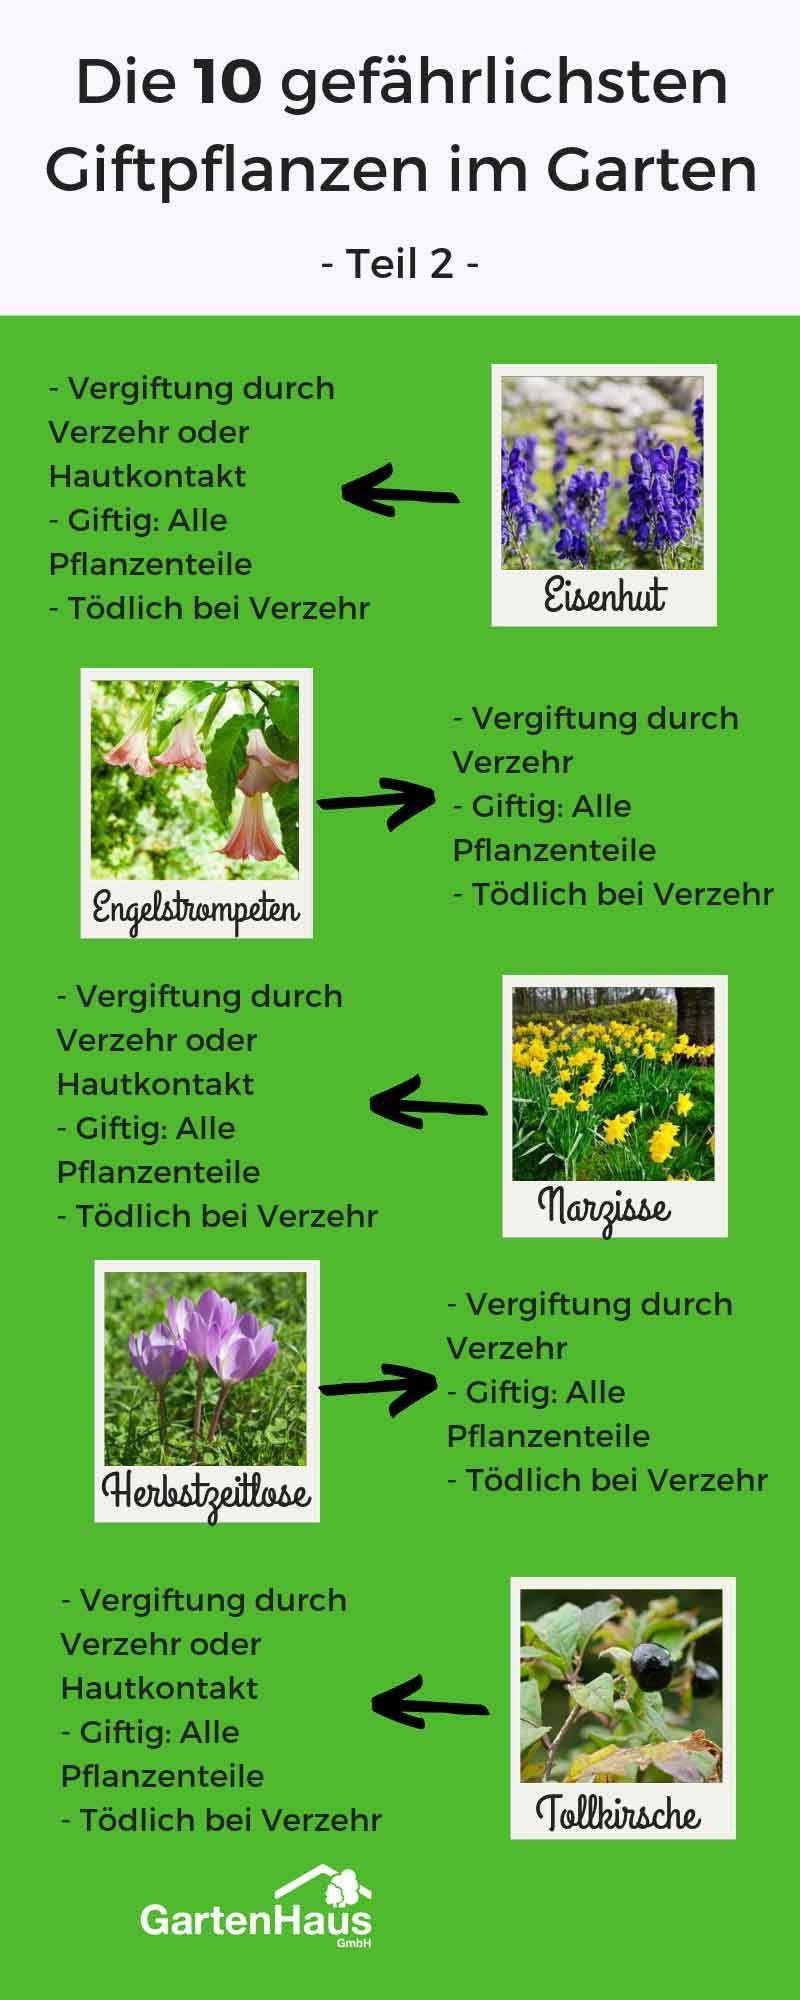 Die 10 Gefahrlichsten Giftpflanzen Im Garten Giftpflanzen Blauregen Pflanzen Pflanzen